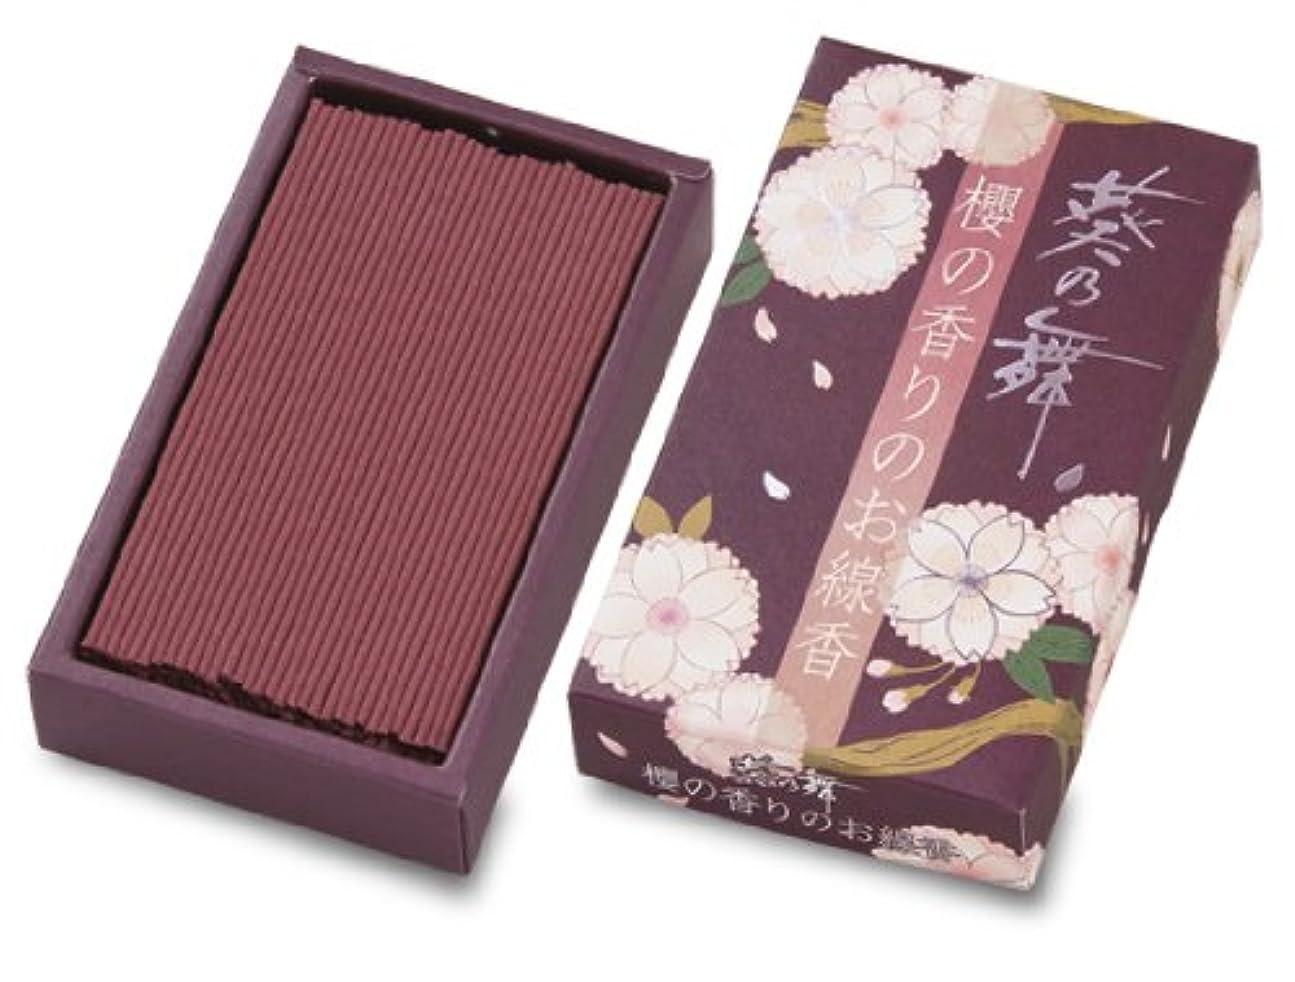 怒って長椅子ブレース葵乃舞 櫻の香りのお線香 各約130g